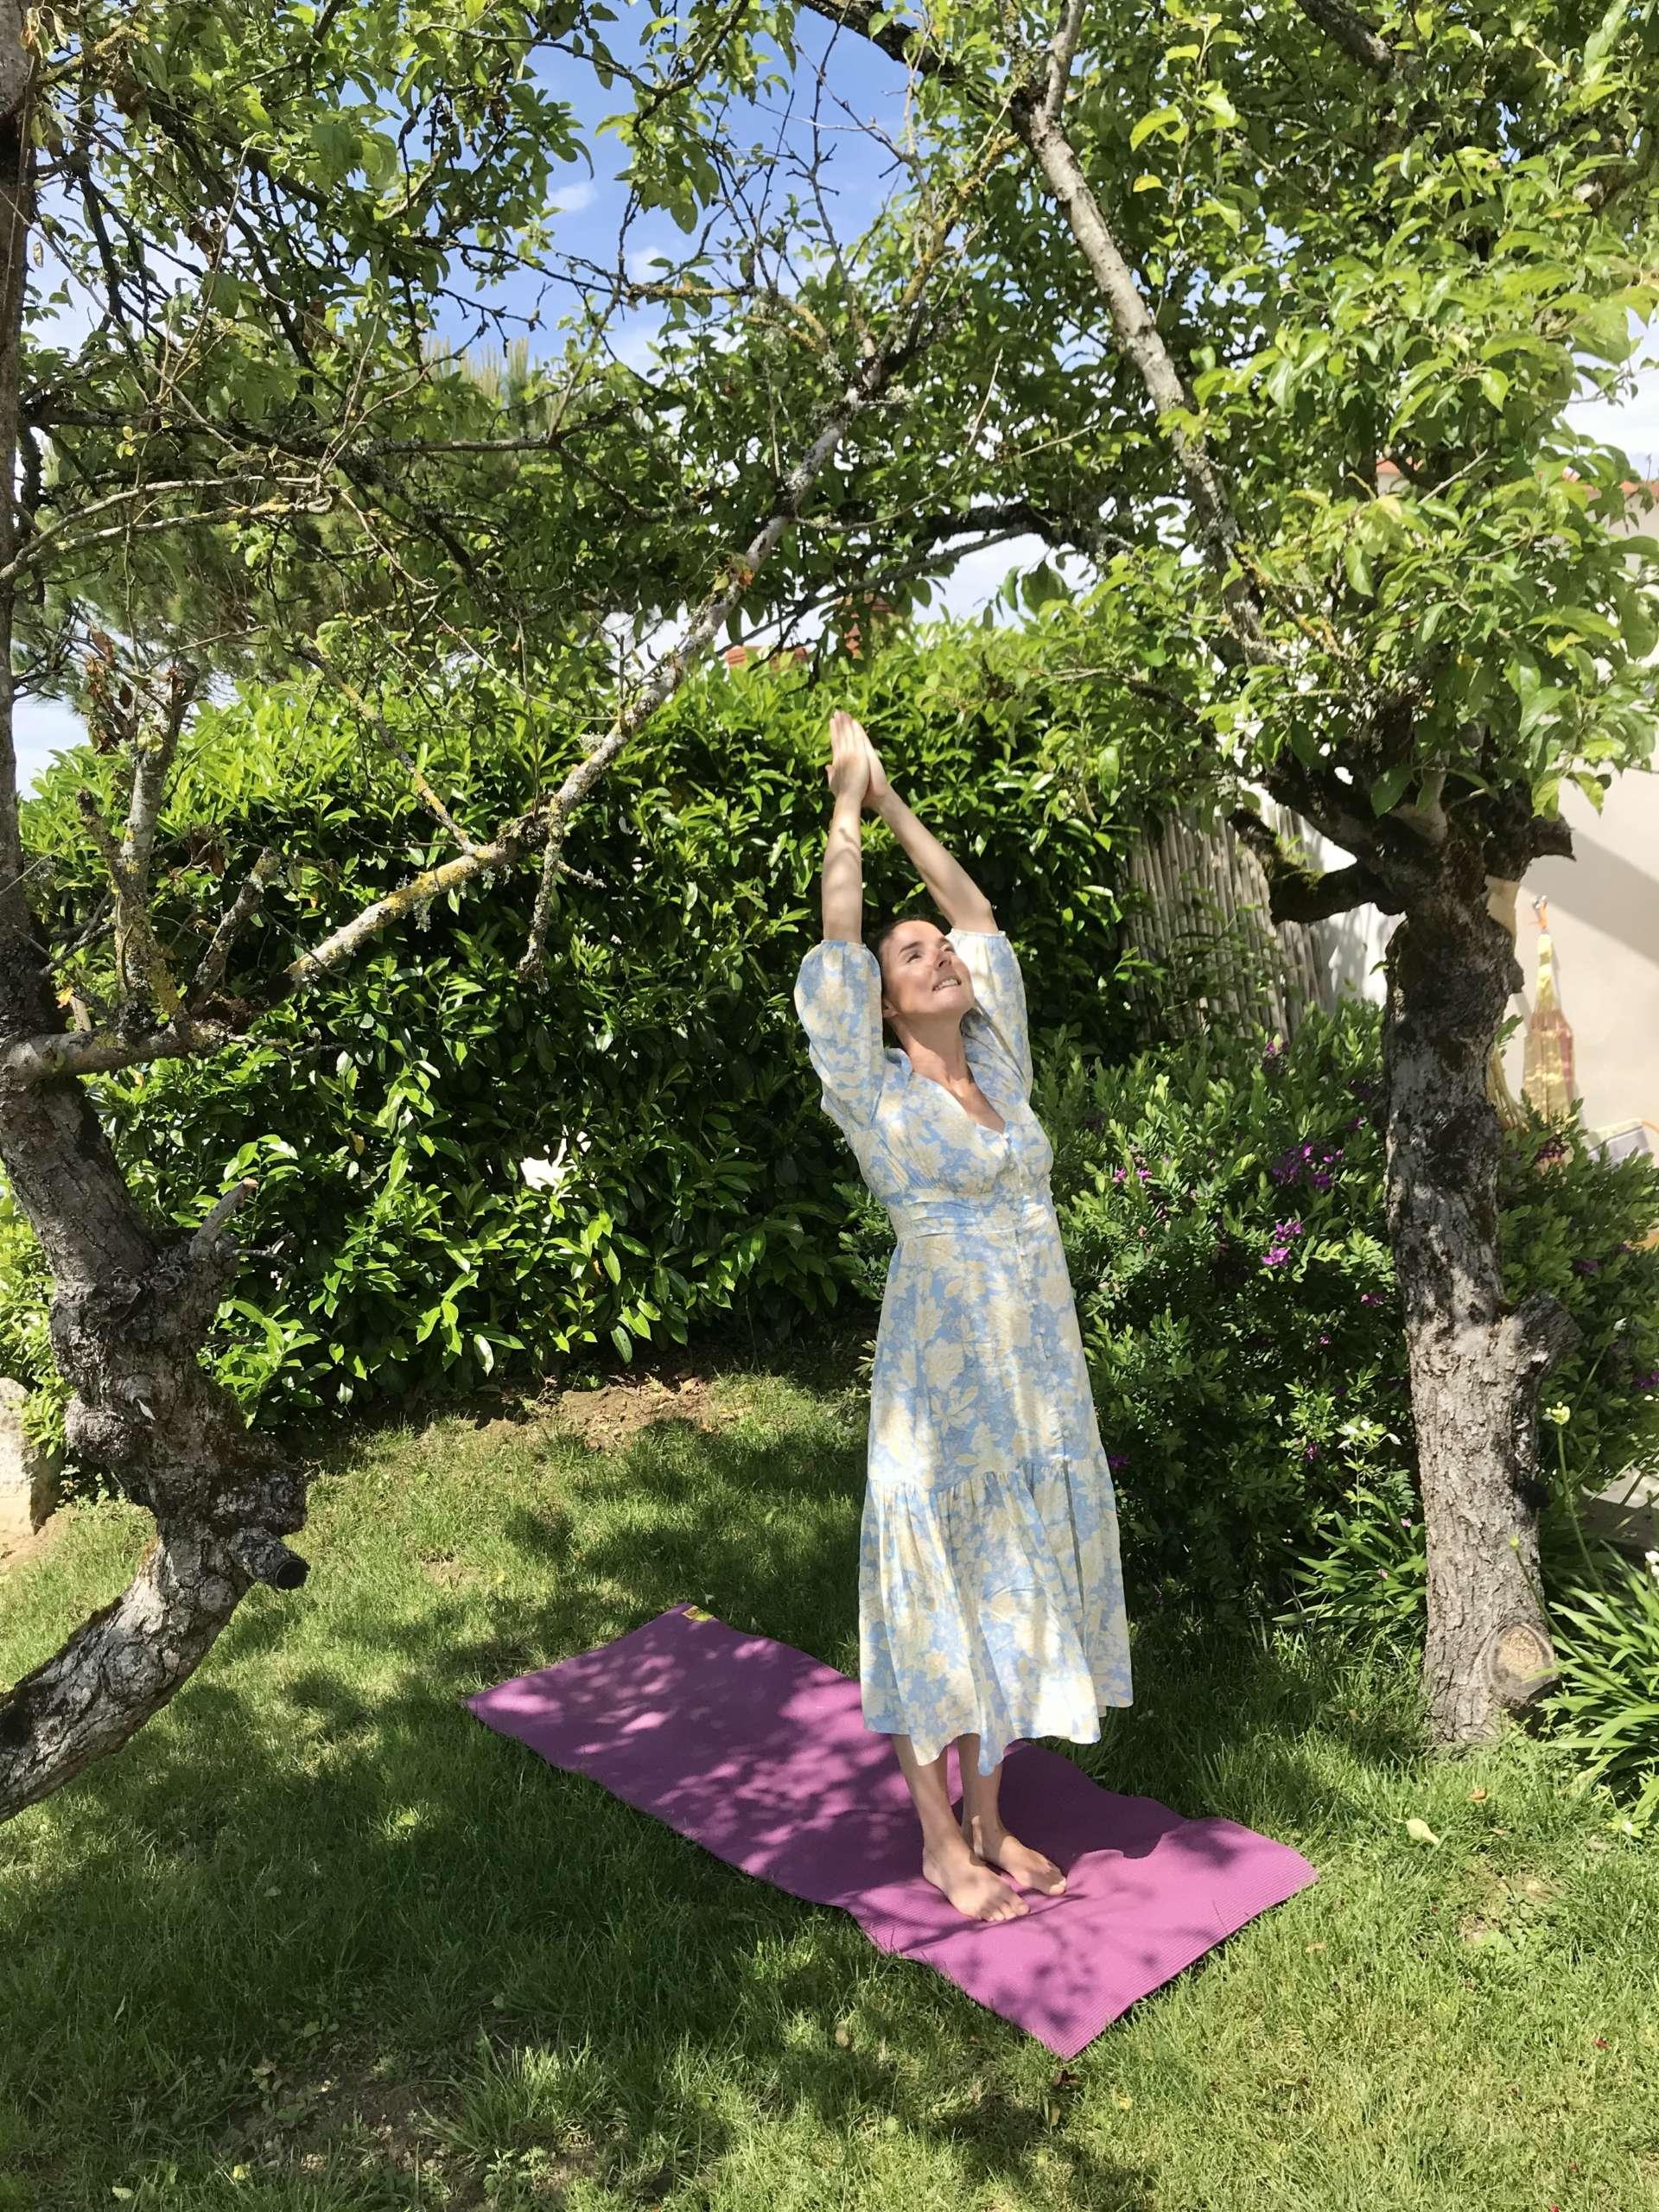 cours de yoga plage du veillon vendée france